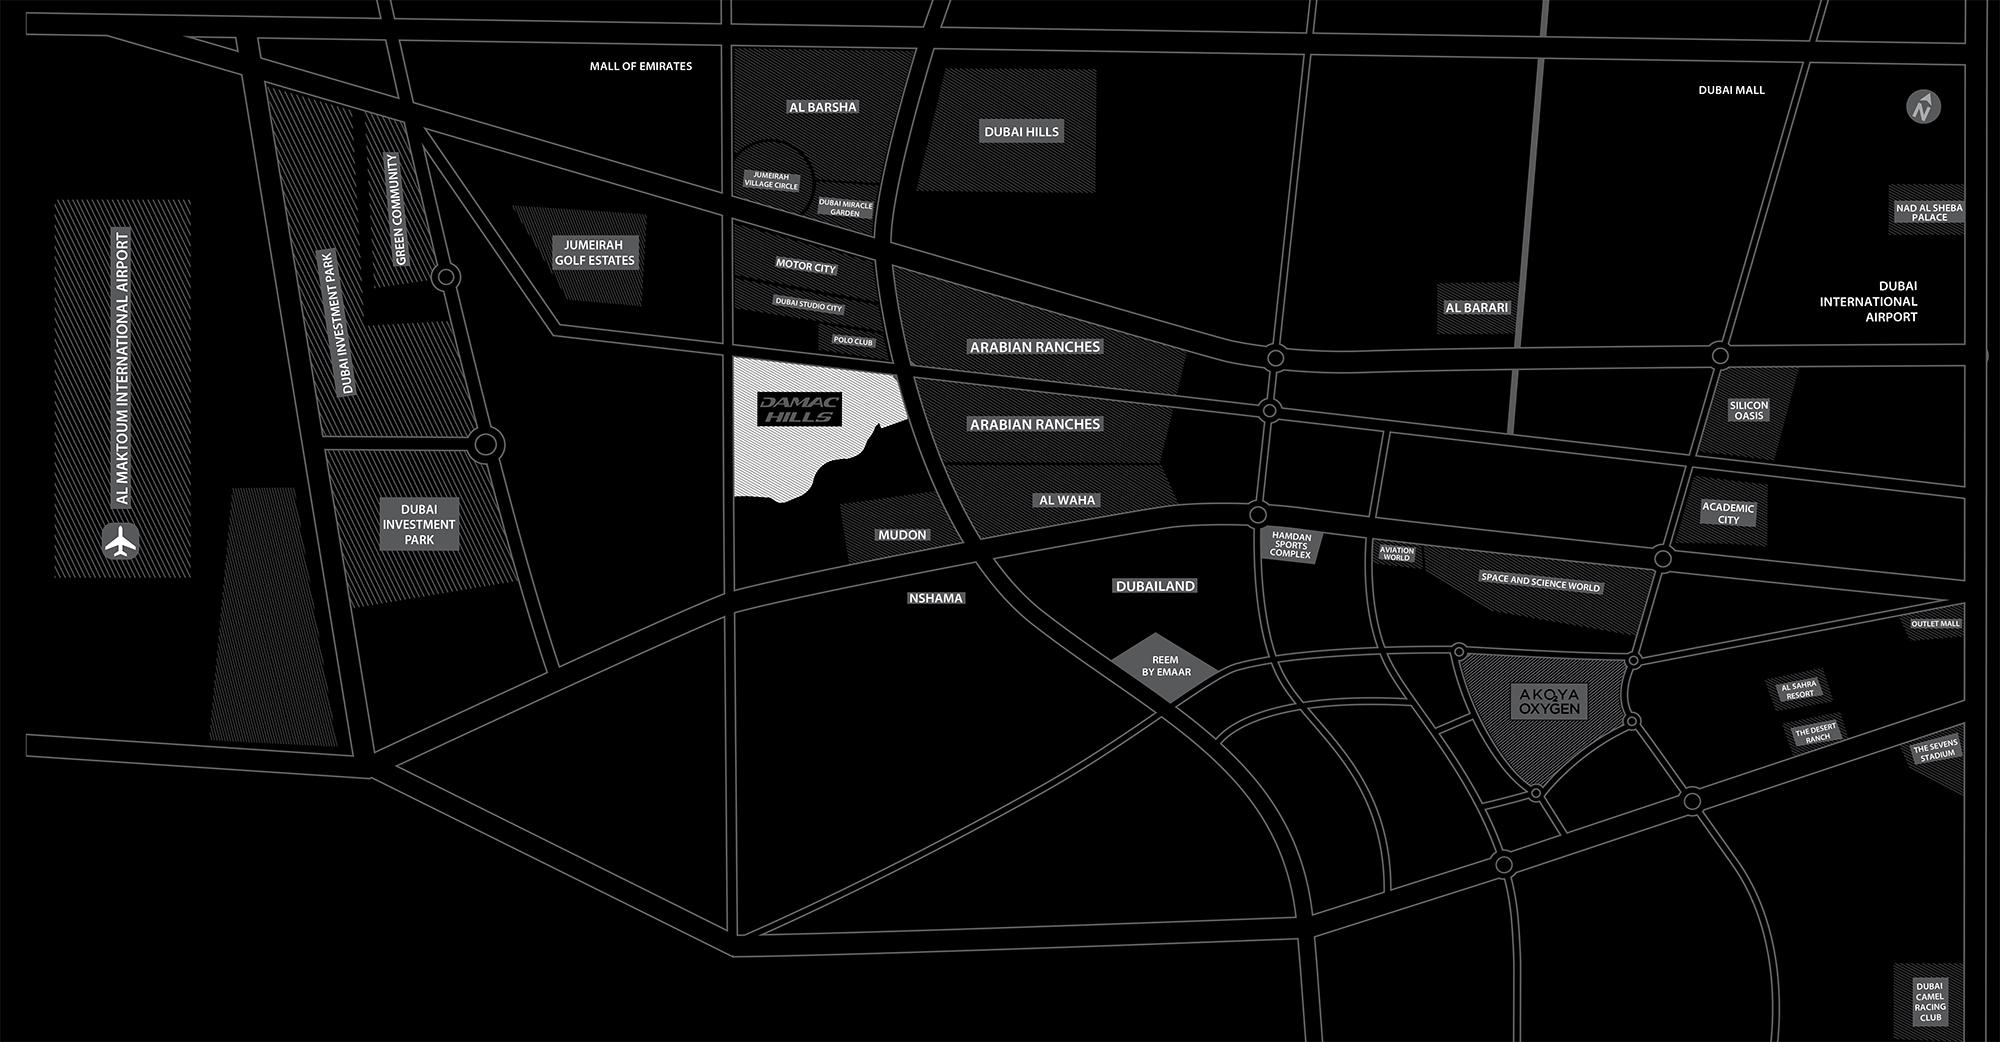 شقق-أكويا-أوركيد خريطة الموقع